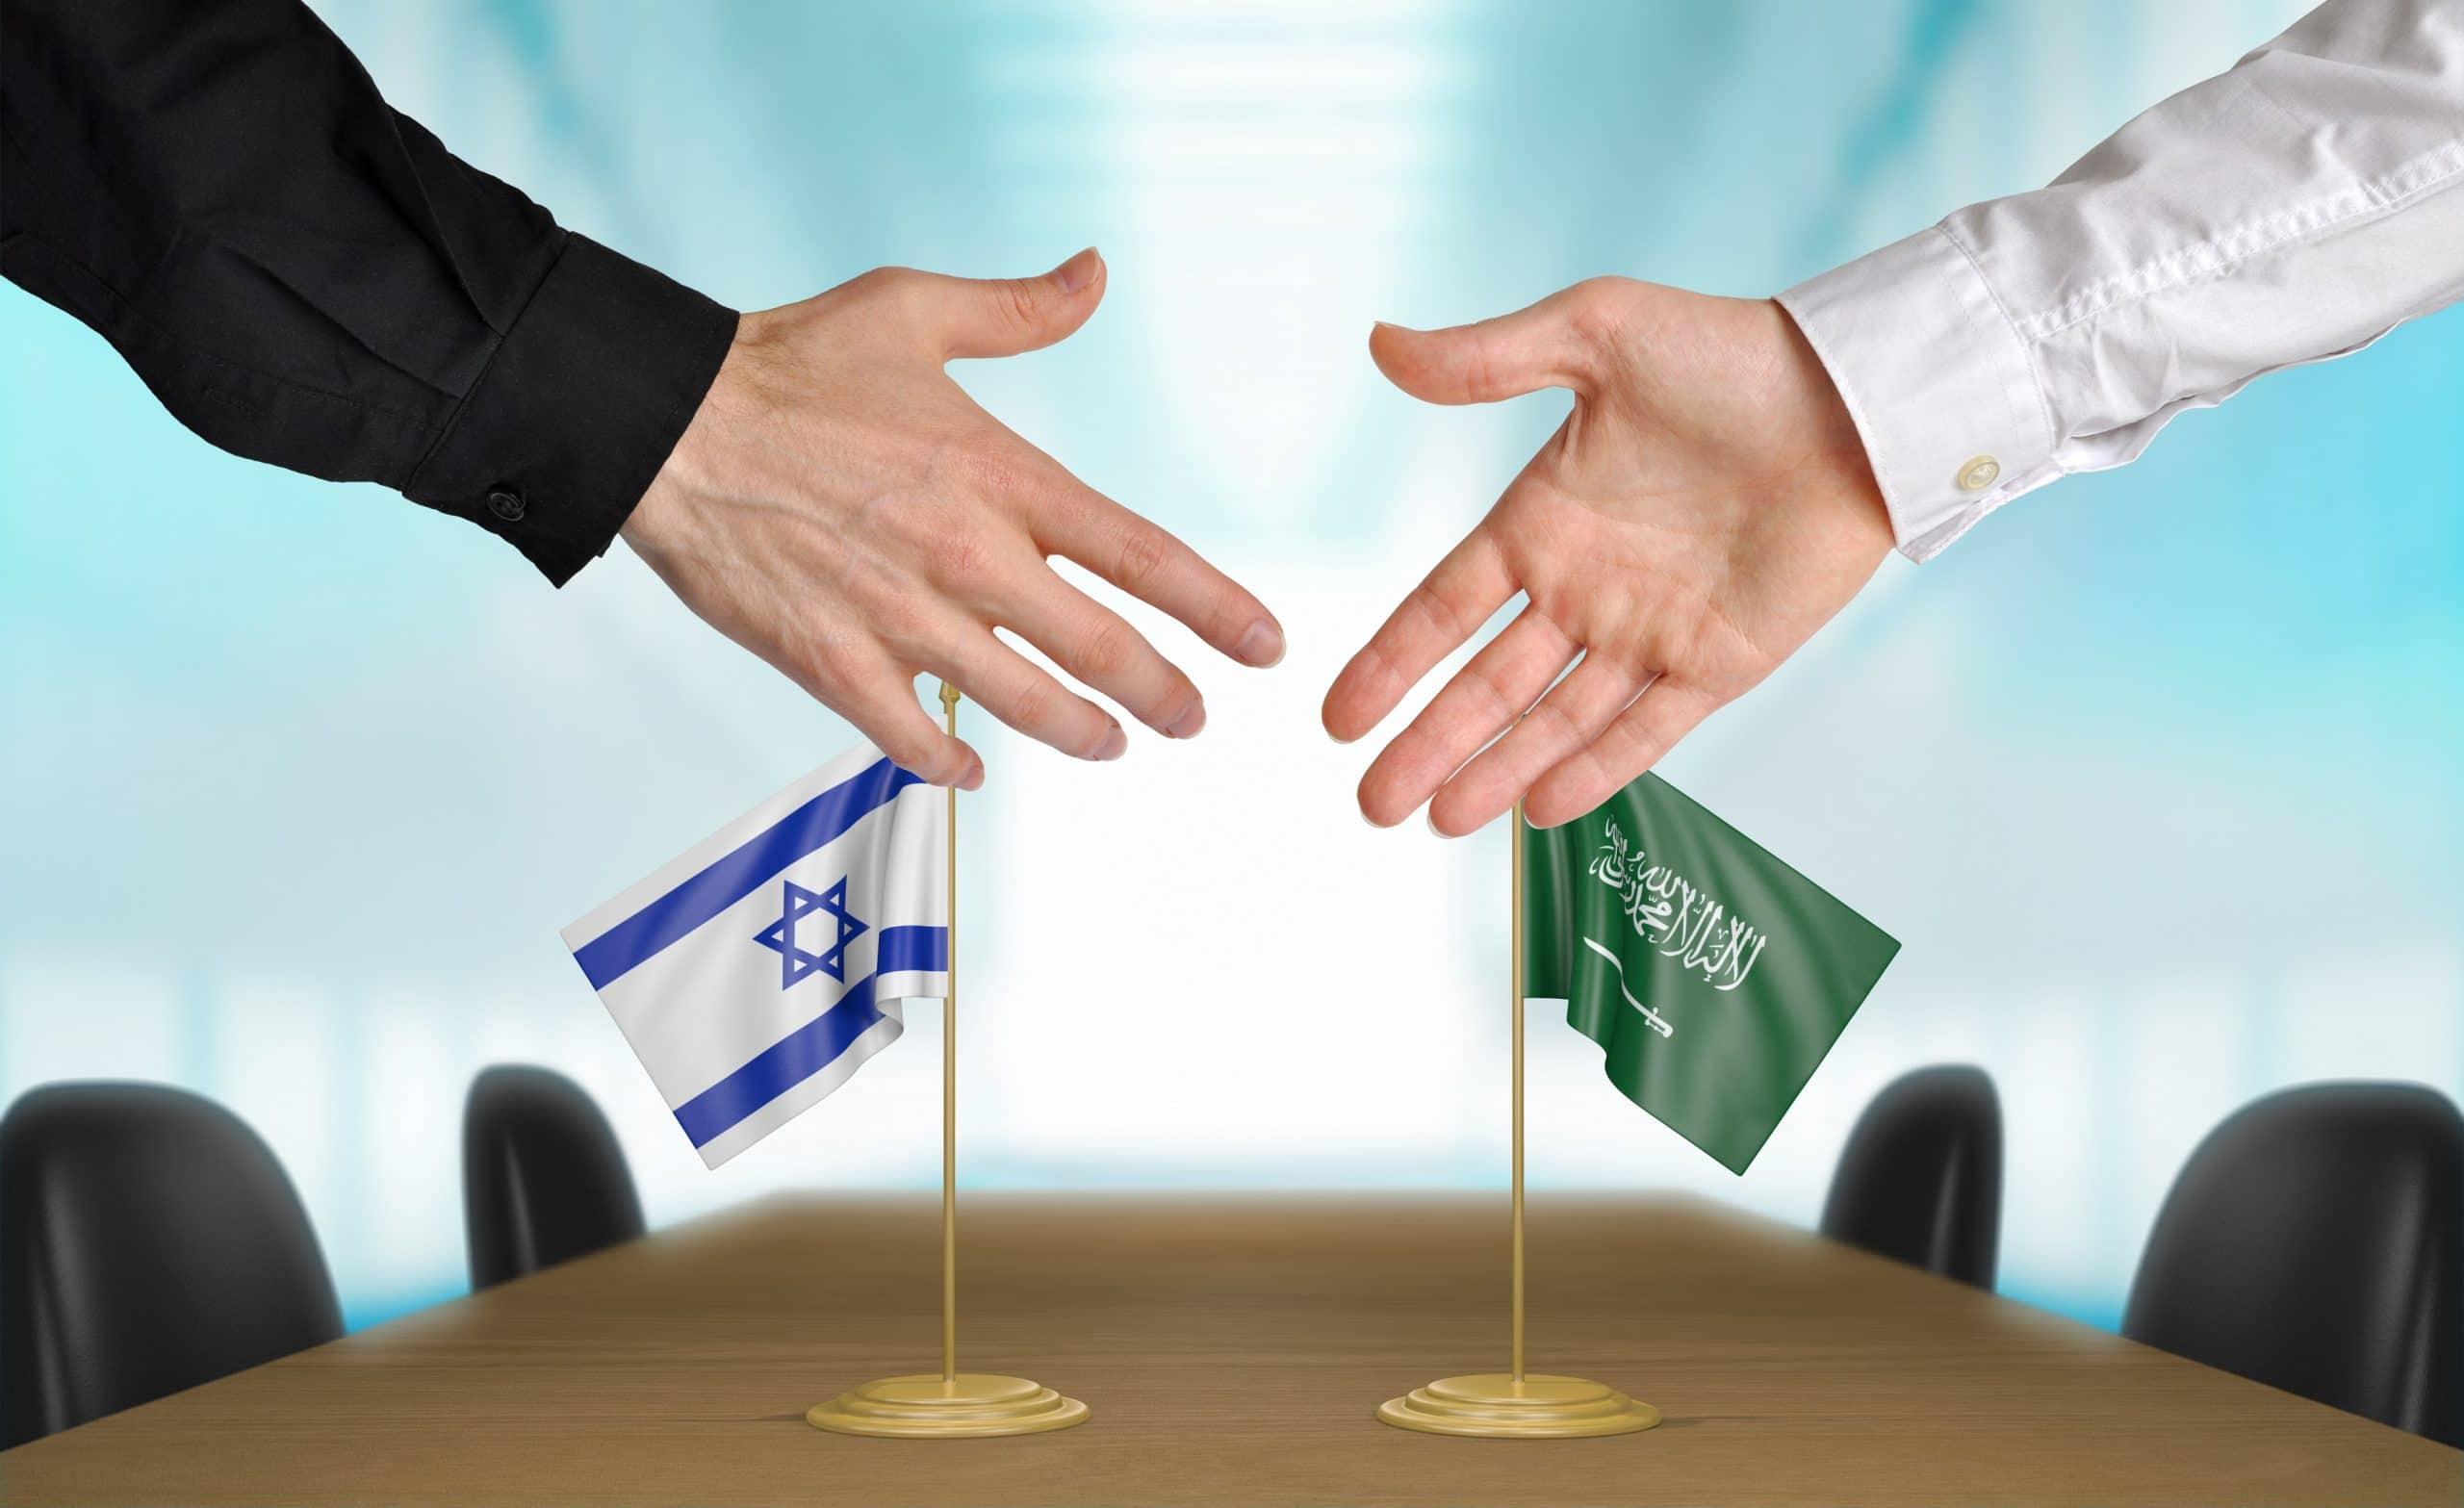 تقرير روسي: إسرائيل سوف تسلح العرب مع حسابات ماكرة ولكن كيف؟!